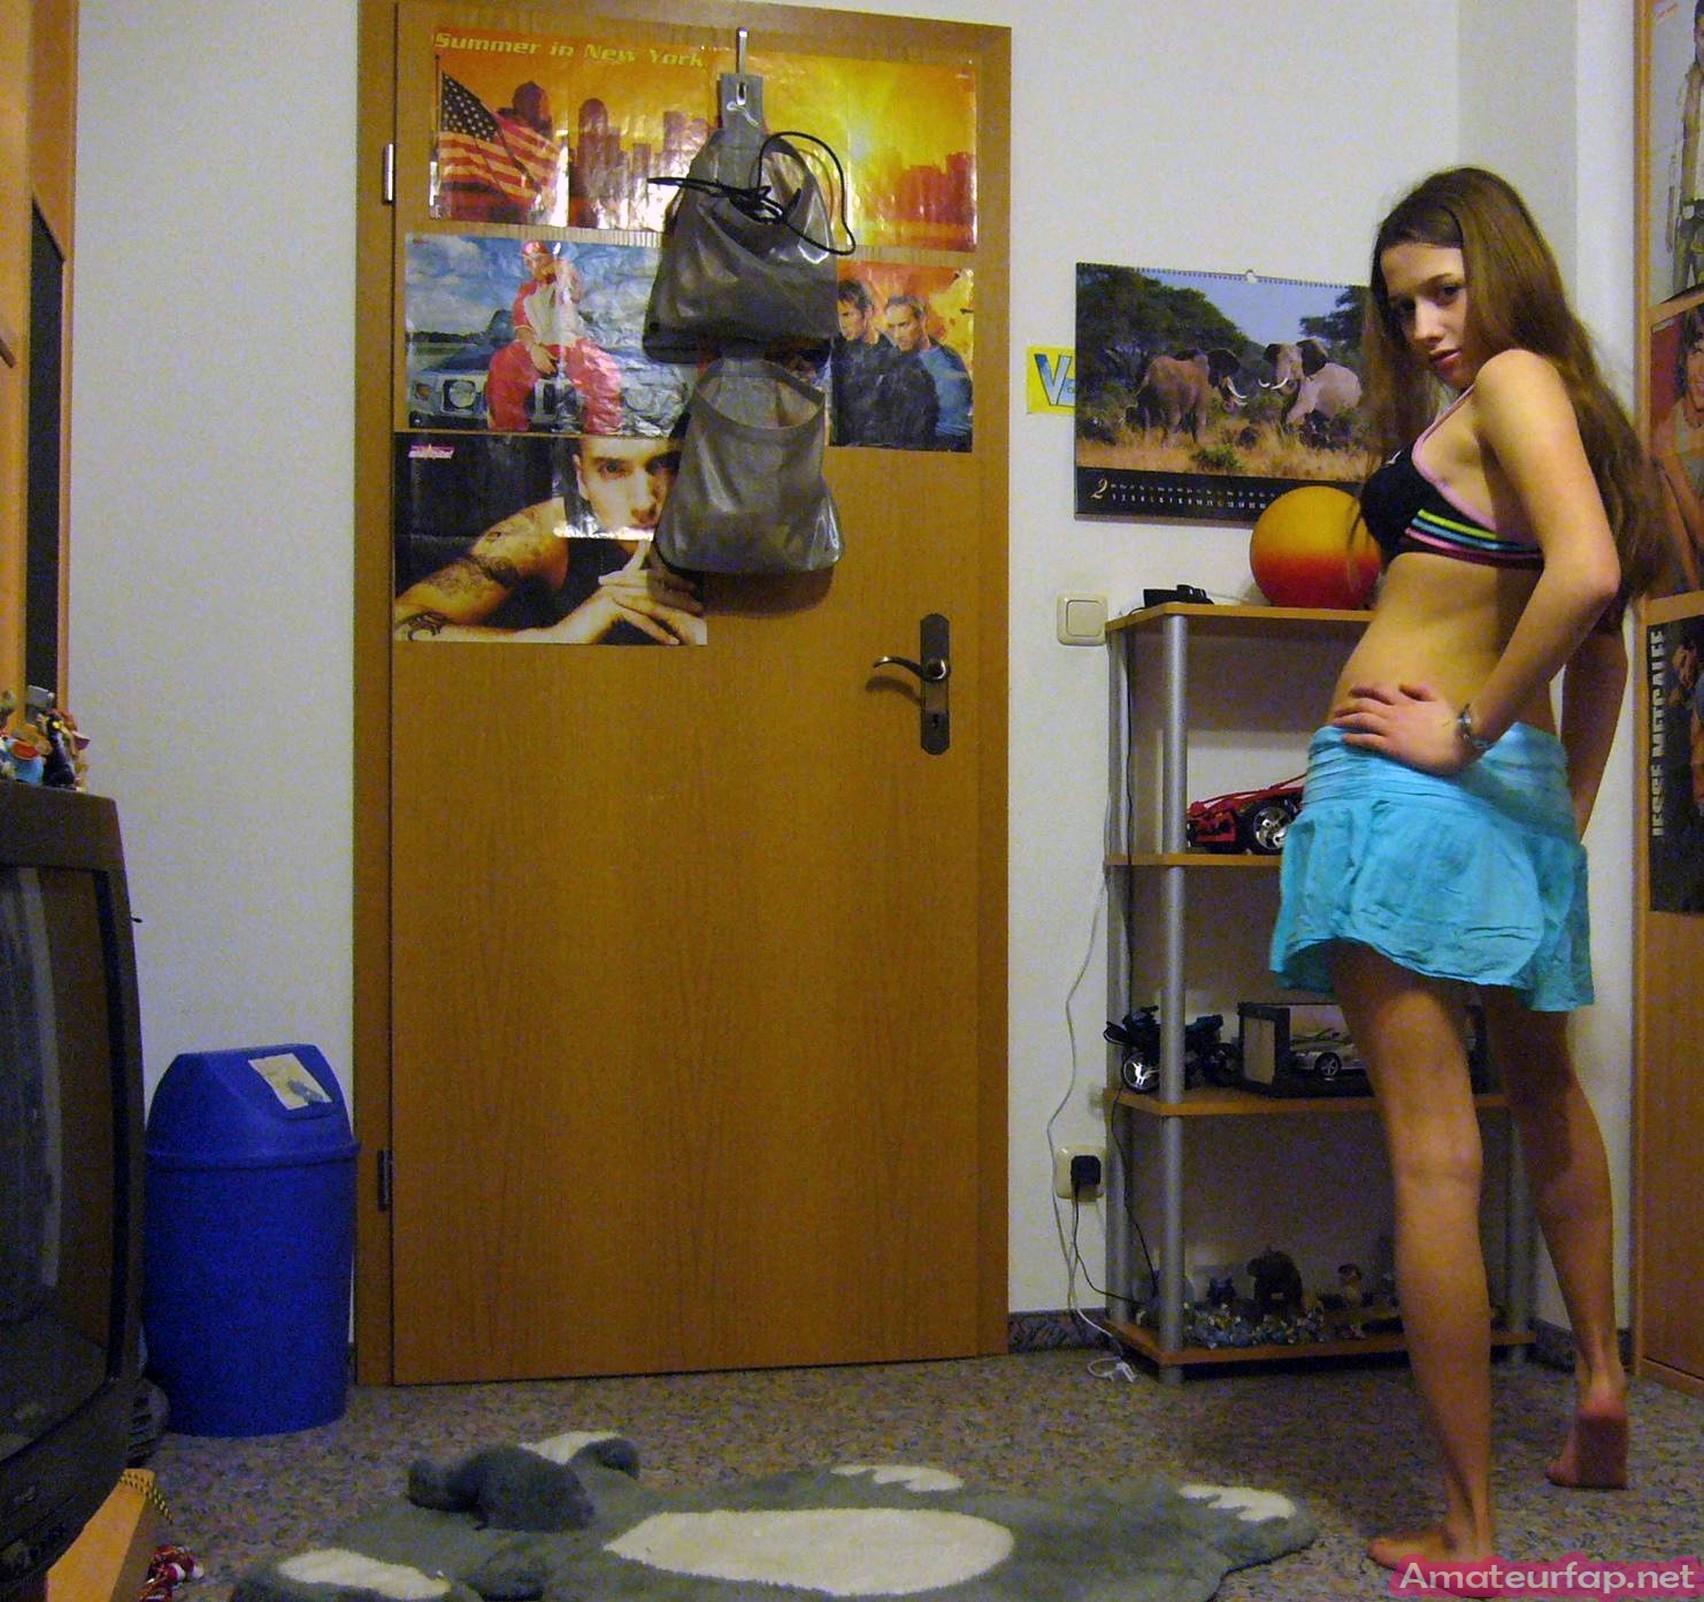 Девушка ставит камеру на автосъемку специально, чтобы снять себя в разных образах – в одежде и без